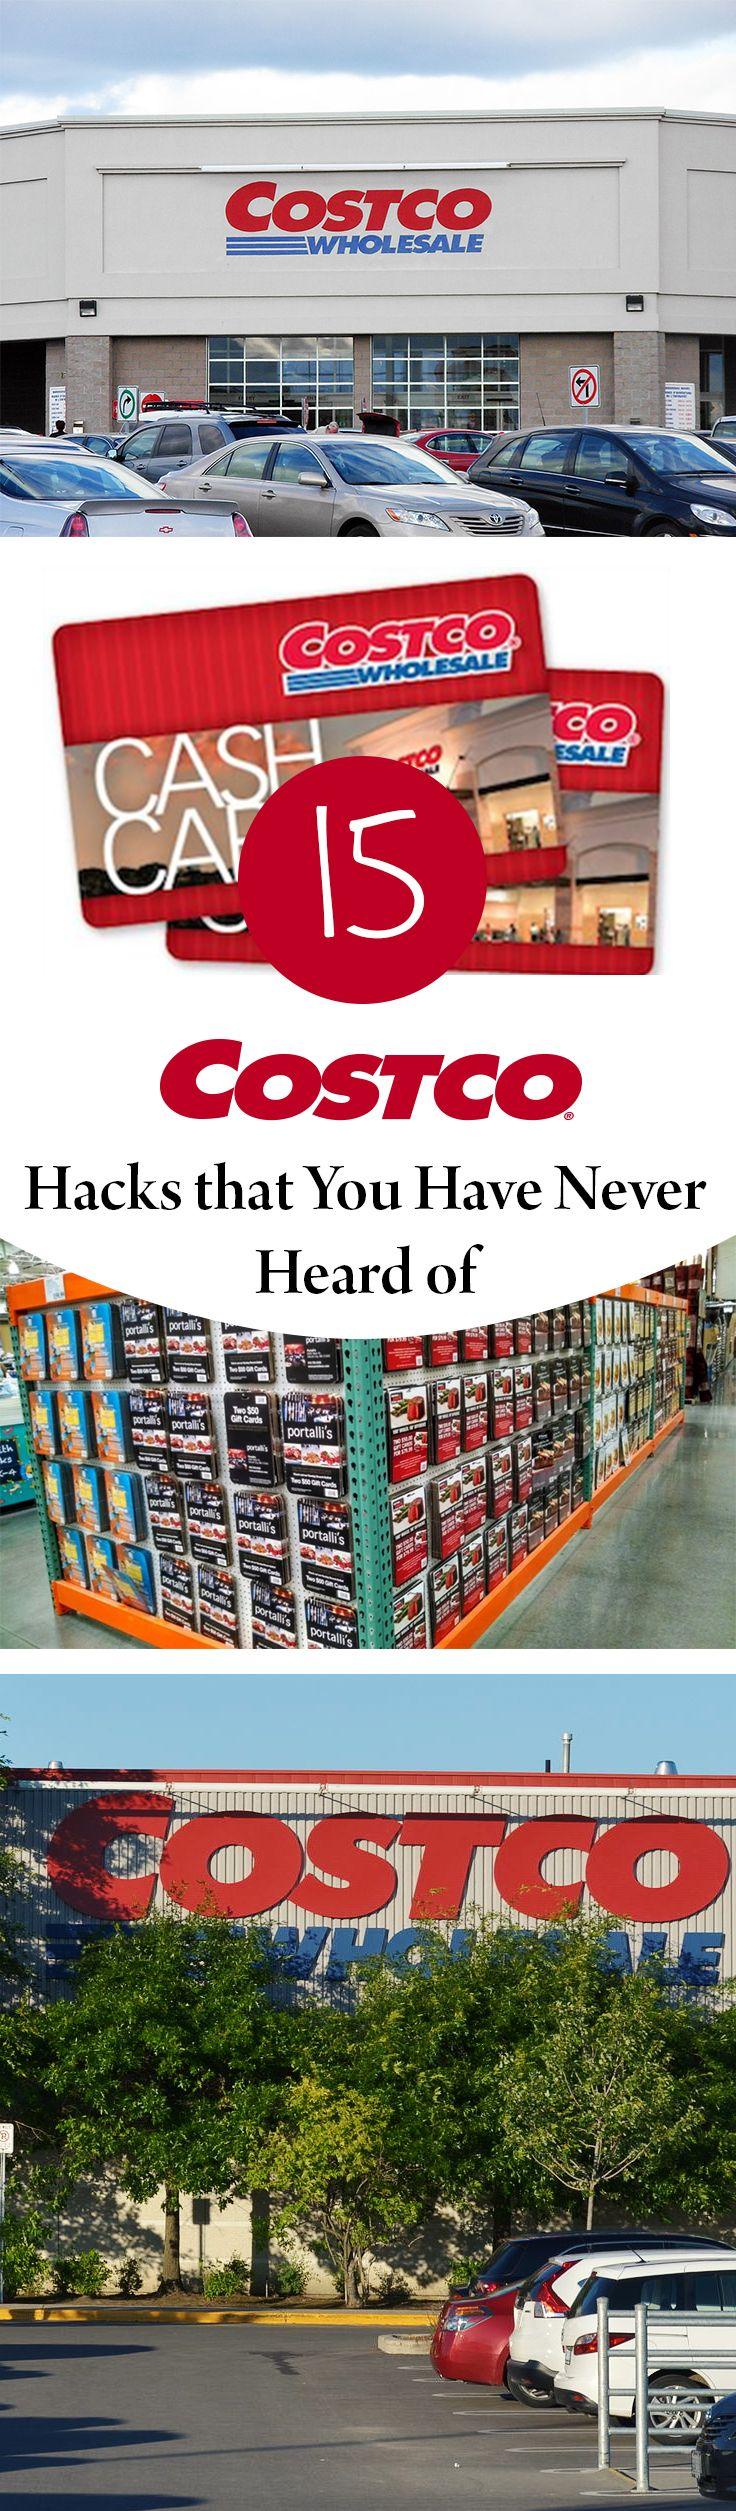 Costco, Costco shopping hacks, shopping hacks, Costco tricks, popular pin, save money, save money shopping.